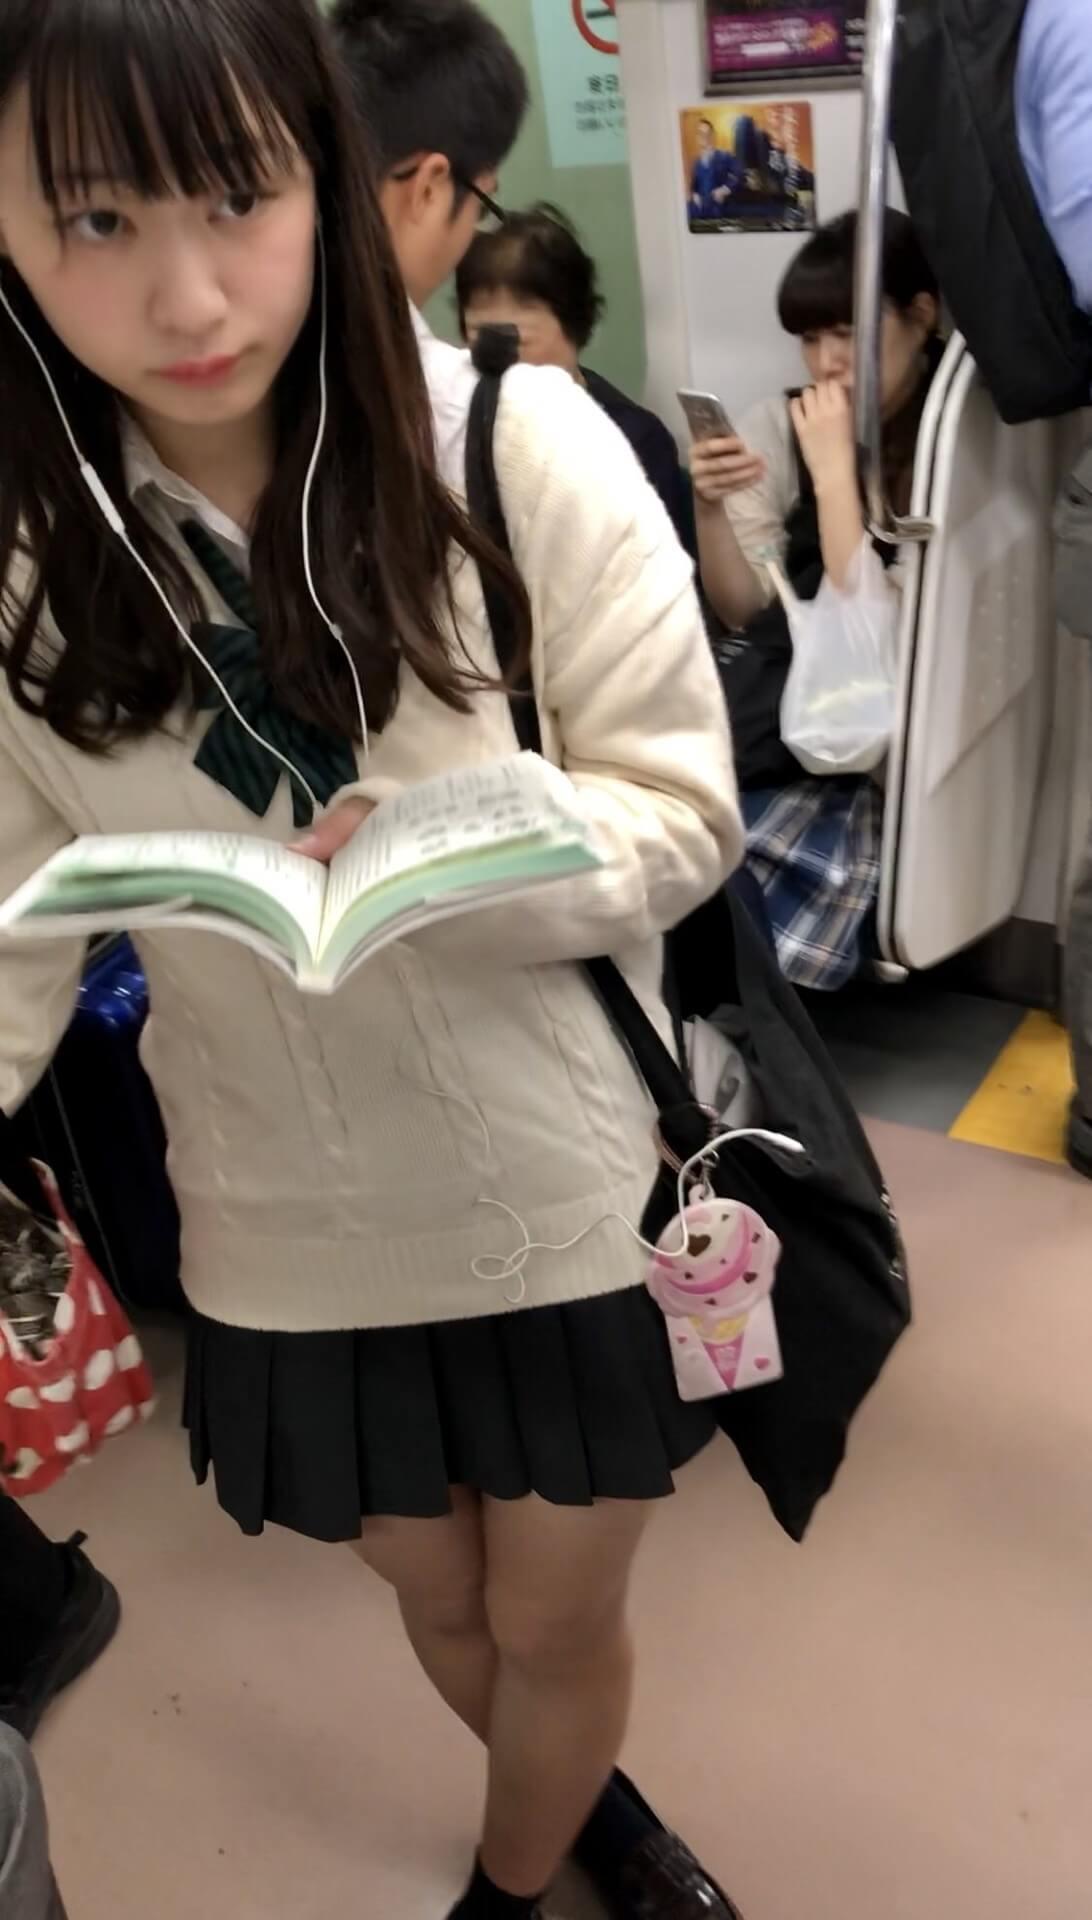 【画像】電車内でJKをこっそりスマホ盗撮経験奴 ノ